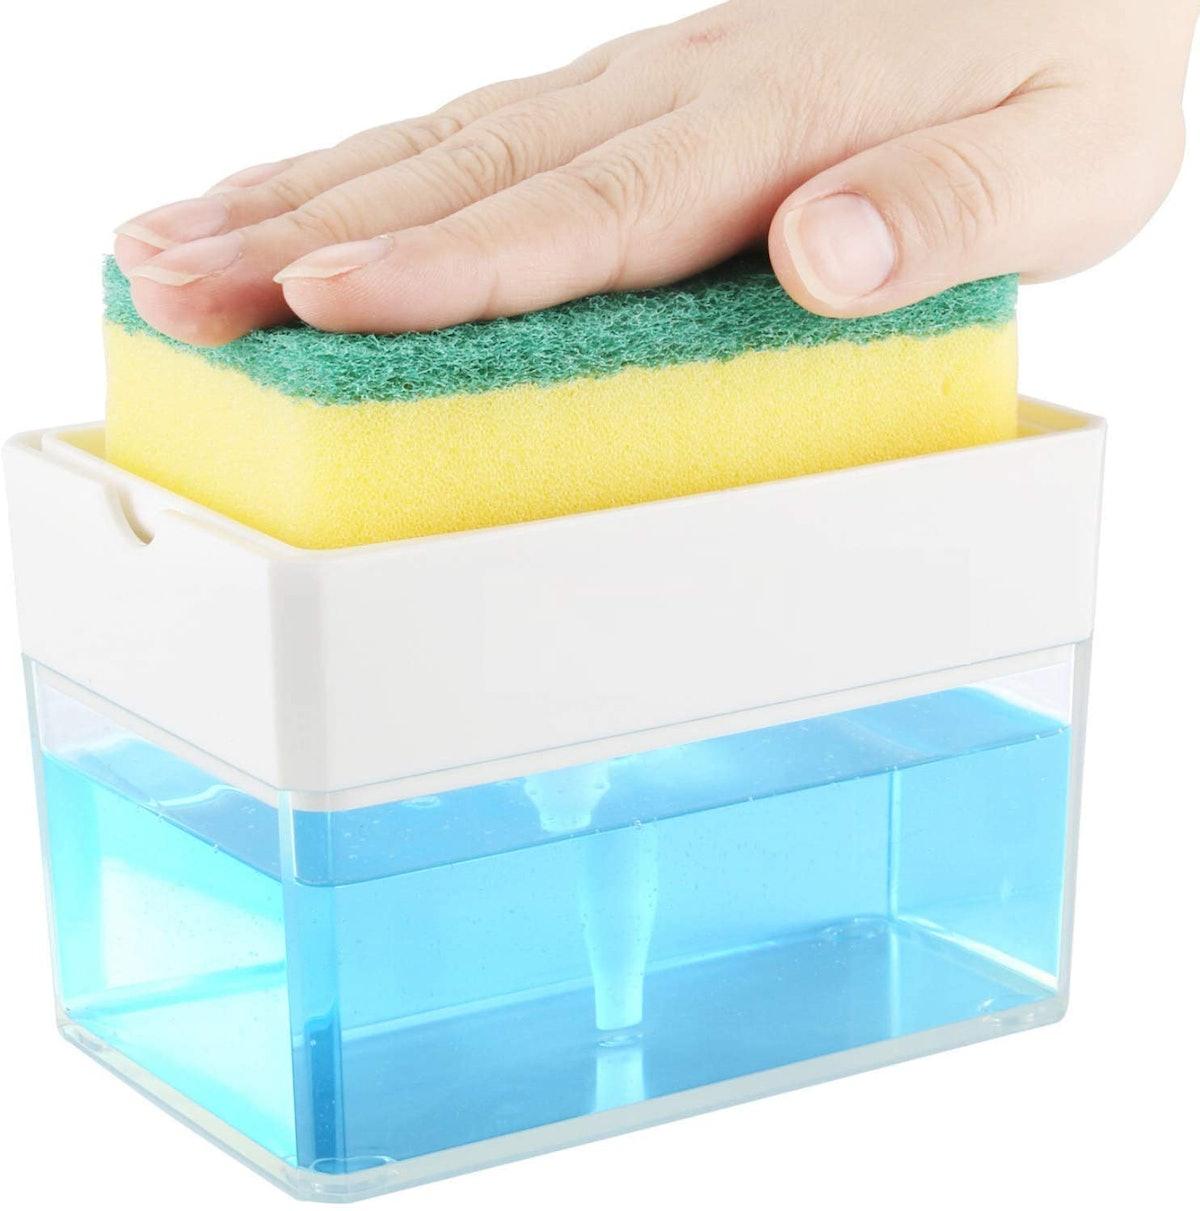 Albayrak Soap Dispenser